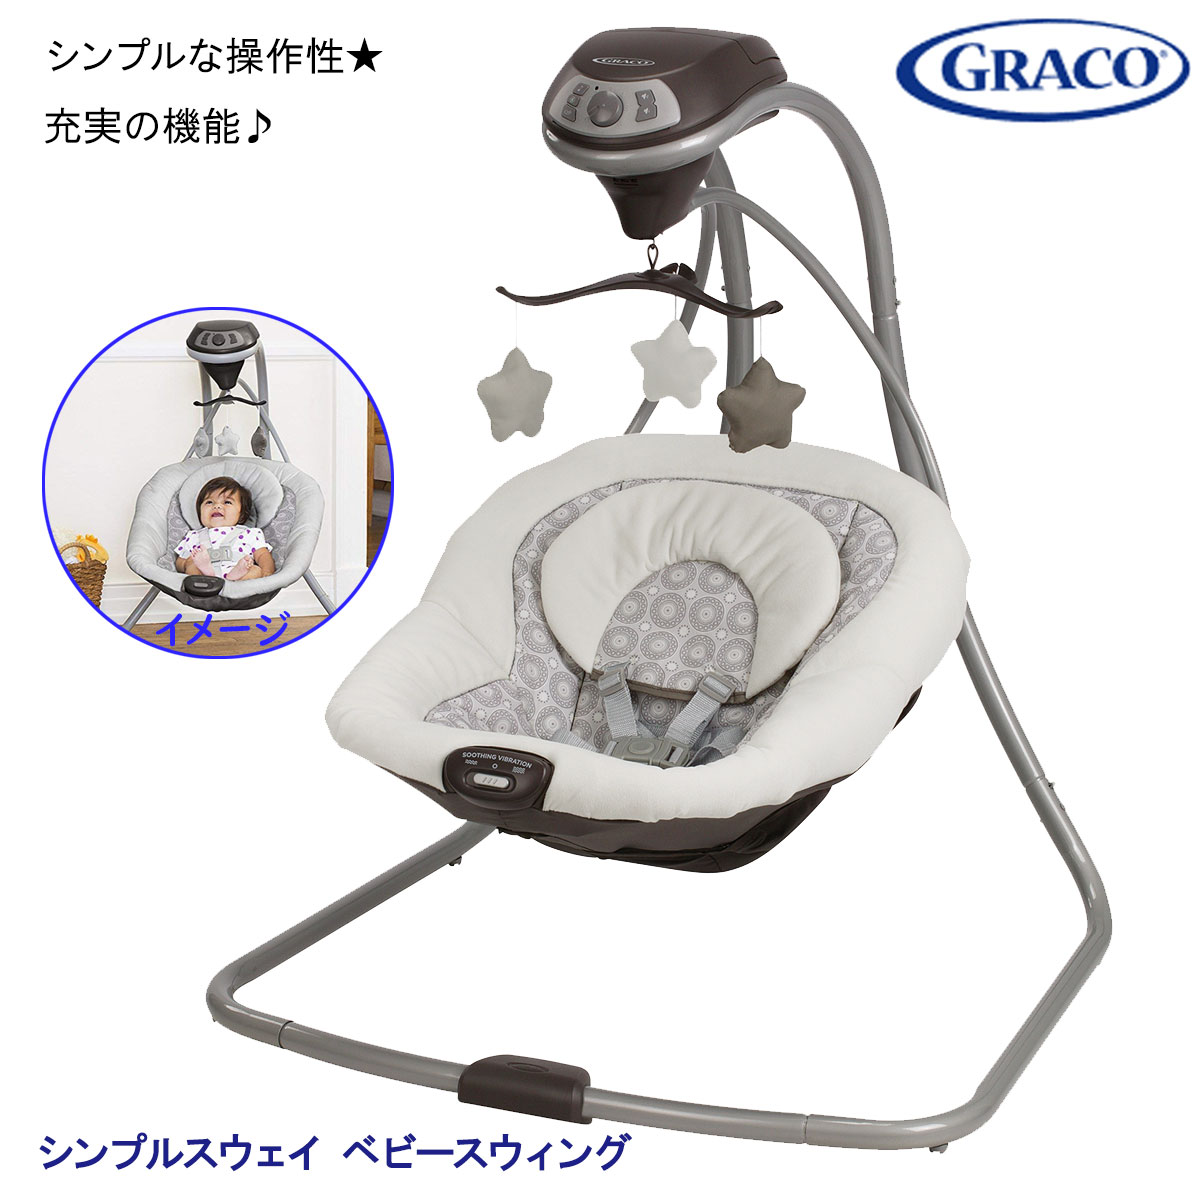 グレコ シンプルスウェイ ベビースウィング アビントン(GR) 1927133 / GRACO コンパクト設計 おもちゃ付き バイブレーション機能 コンセント使用可